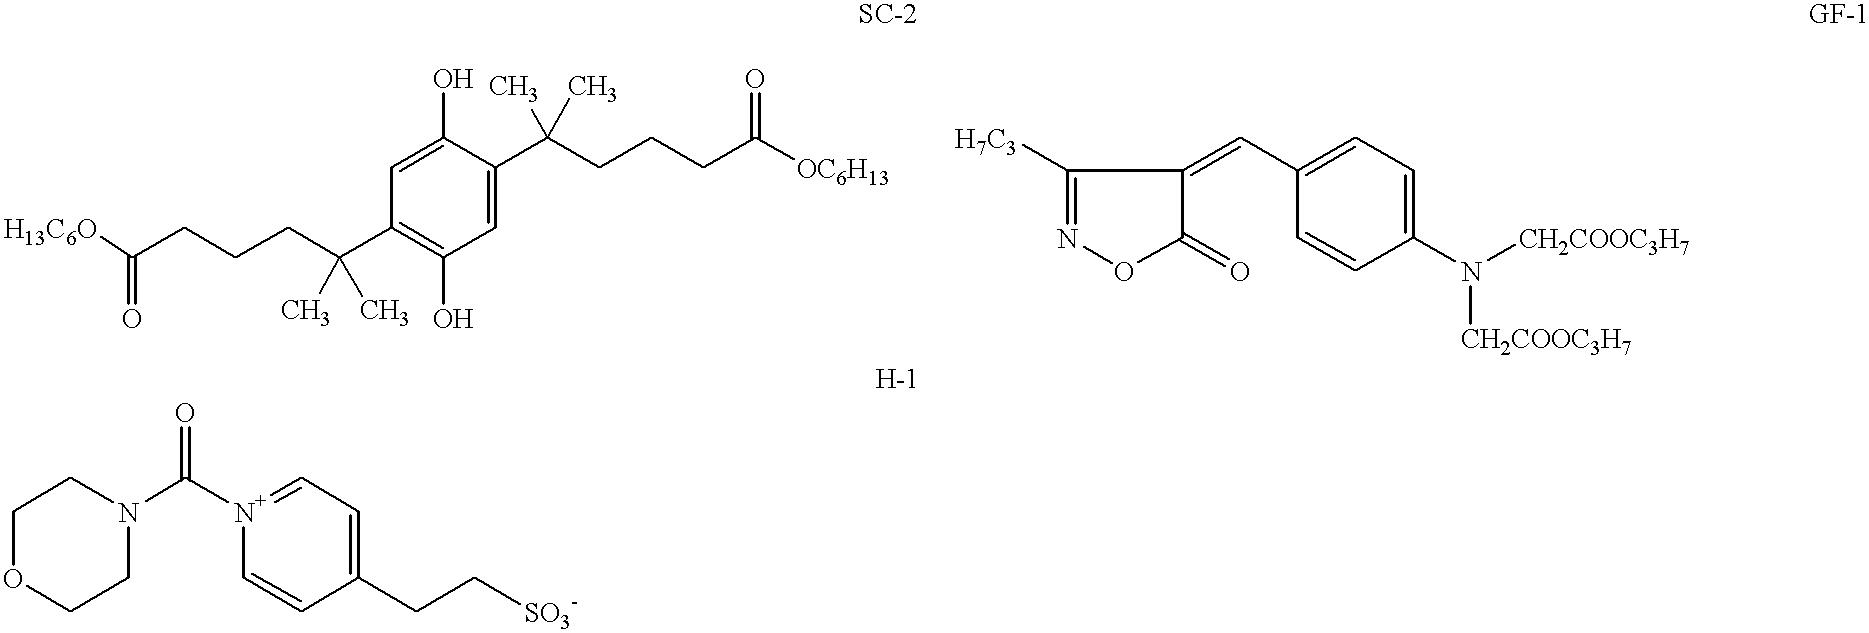 Figure US06218097-20010417-C00014